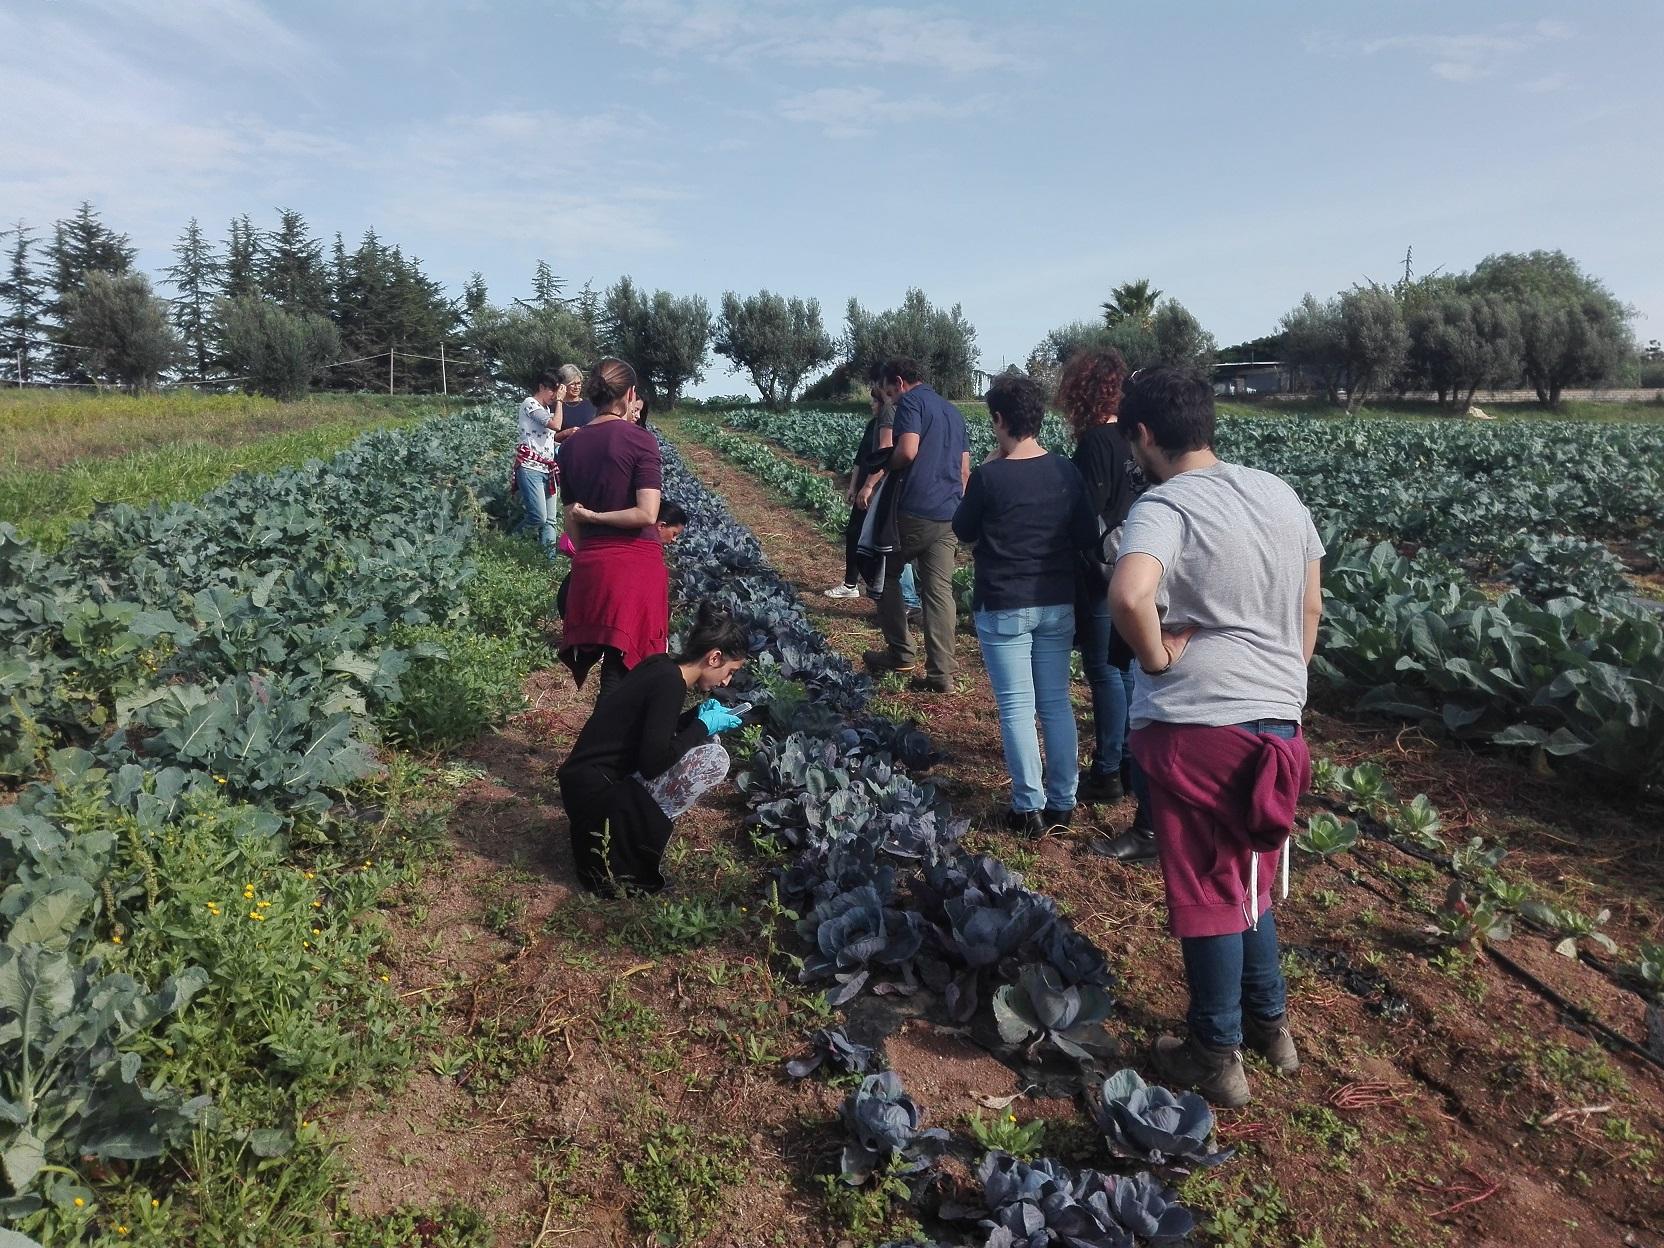 Giornate di Agricoltura Sociale: il giro negli orti, un esempio di cosa si fa in questi appuntamenti